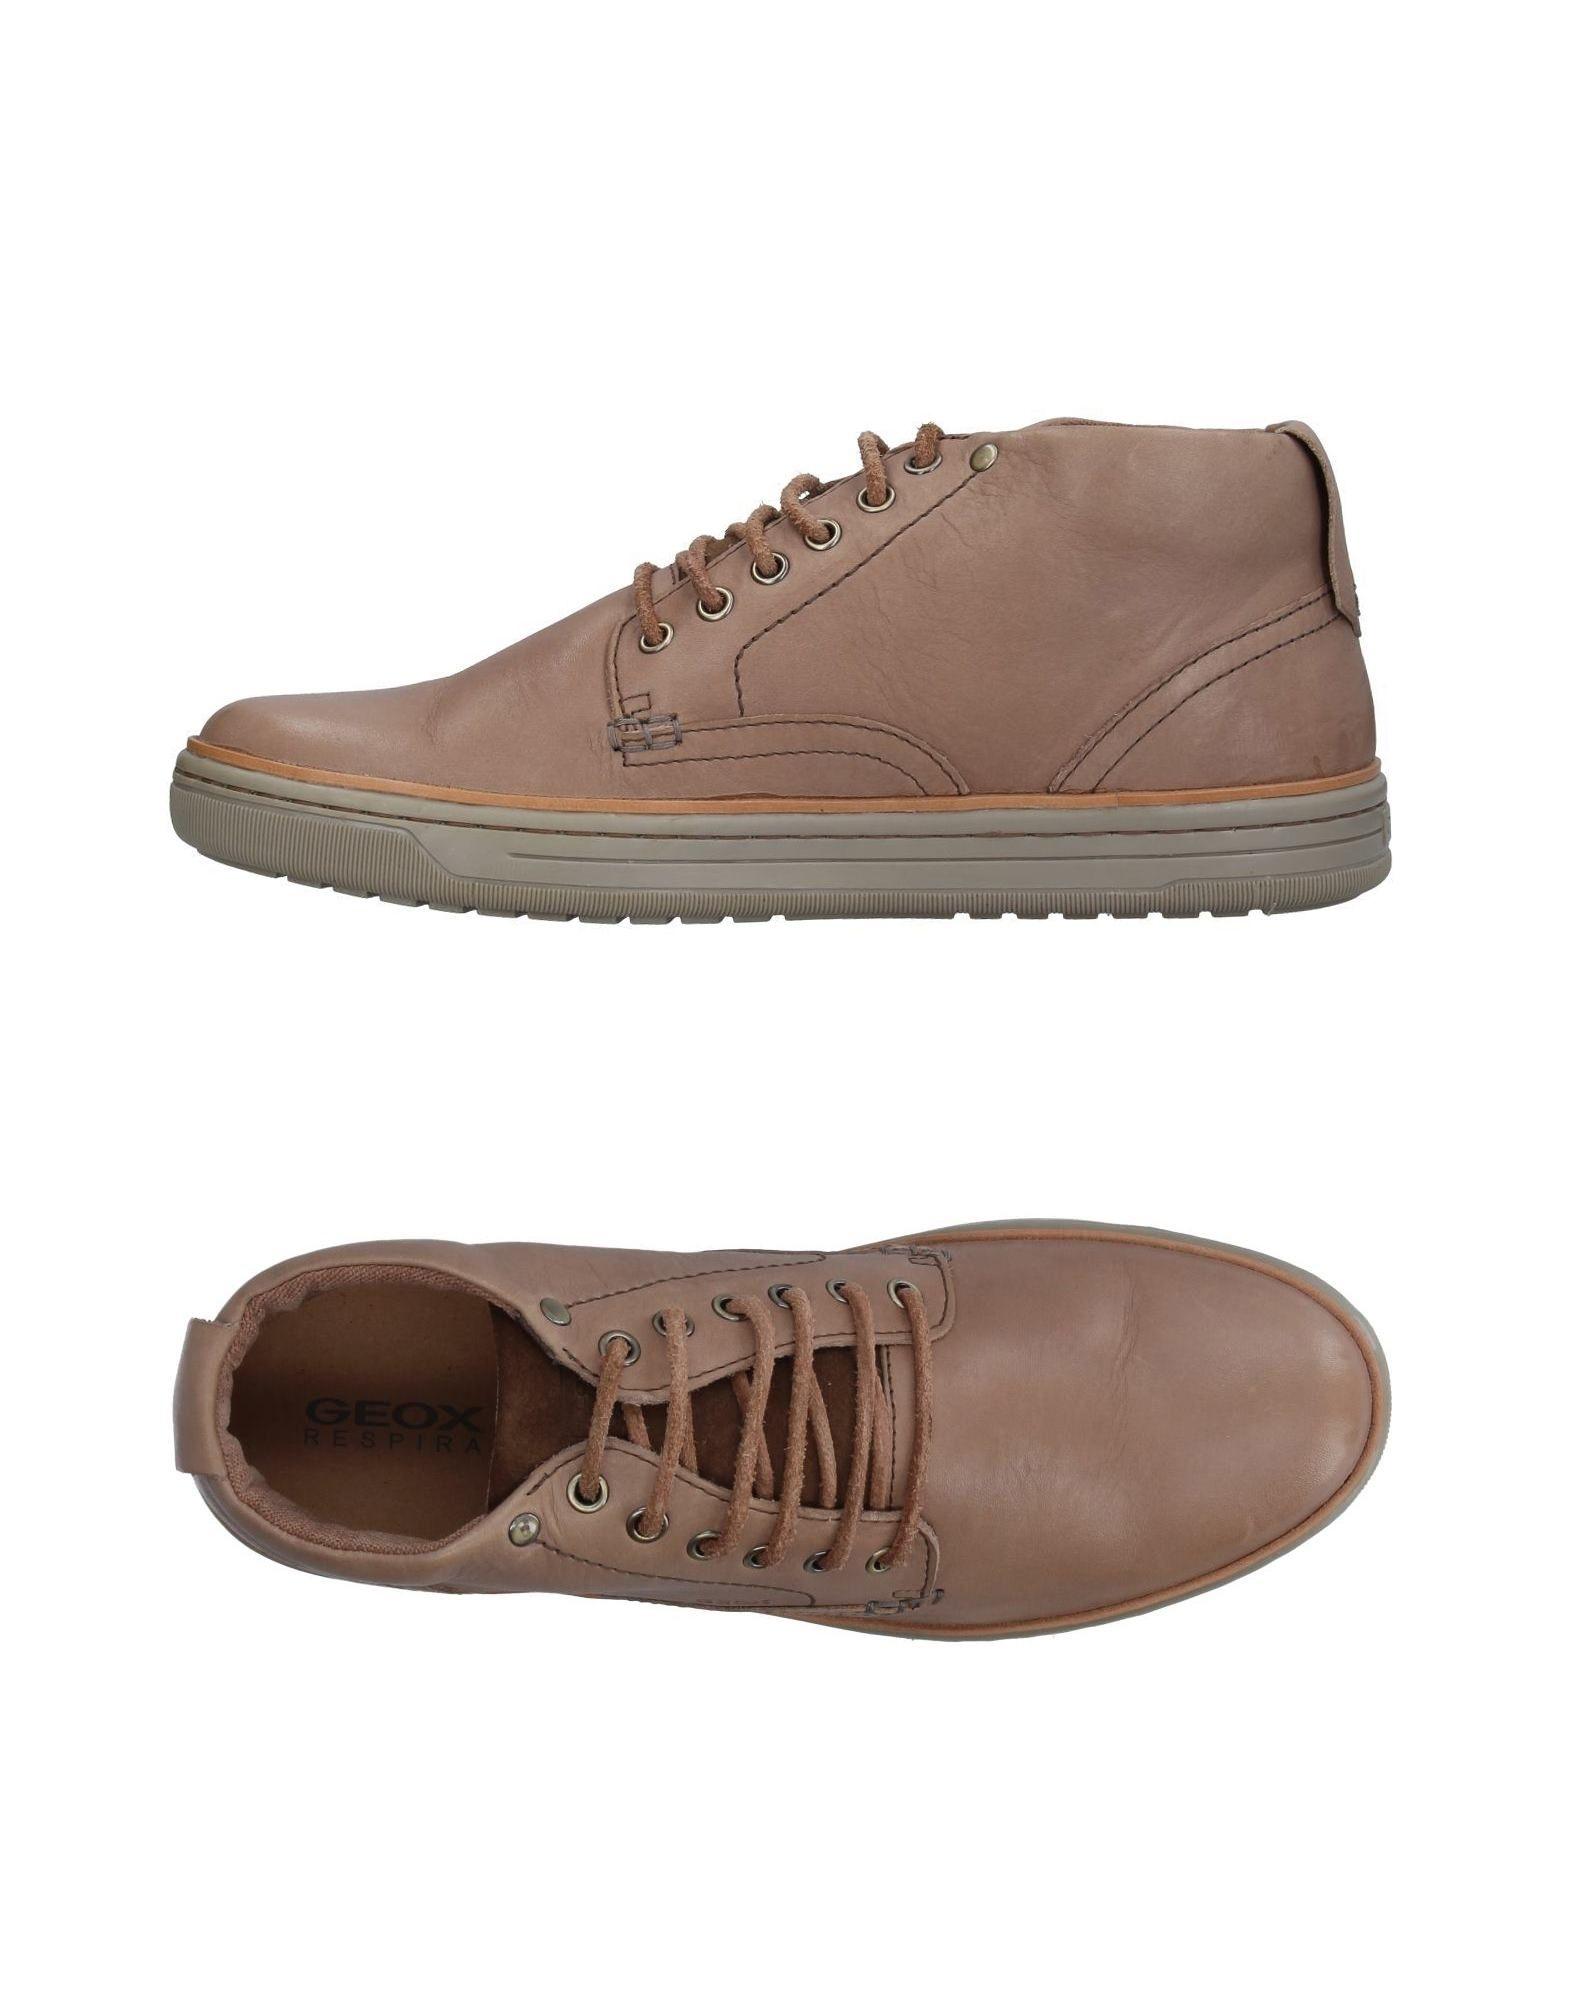 Rabatt echte Schuhe Geox Sneakers Herren  11324938IP